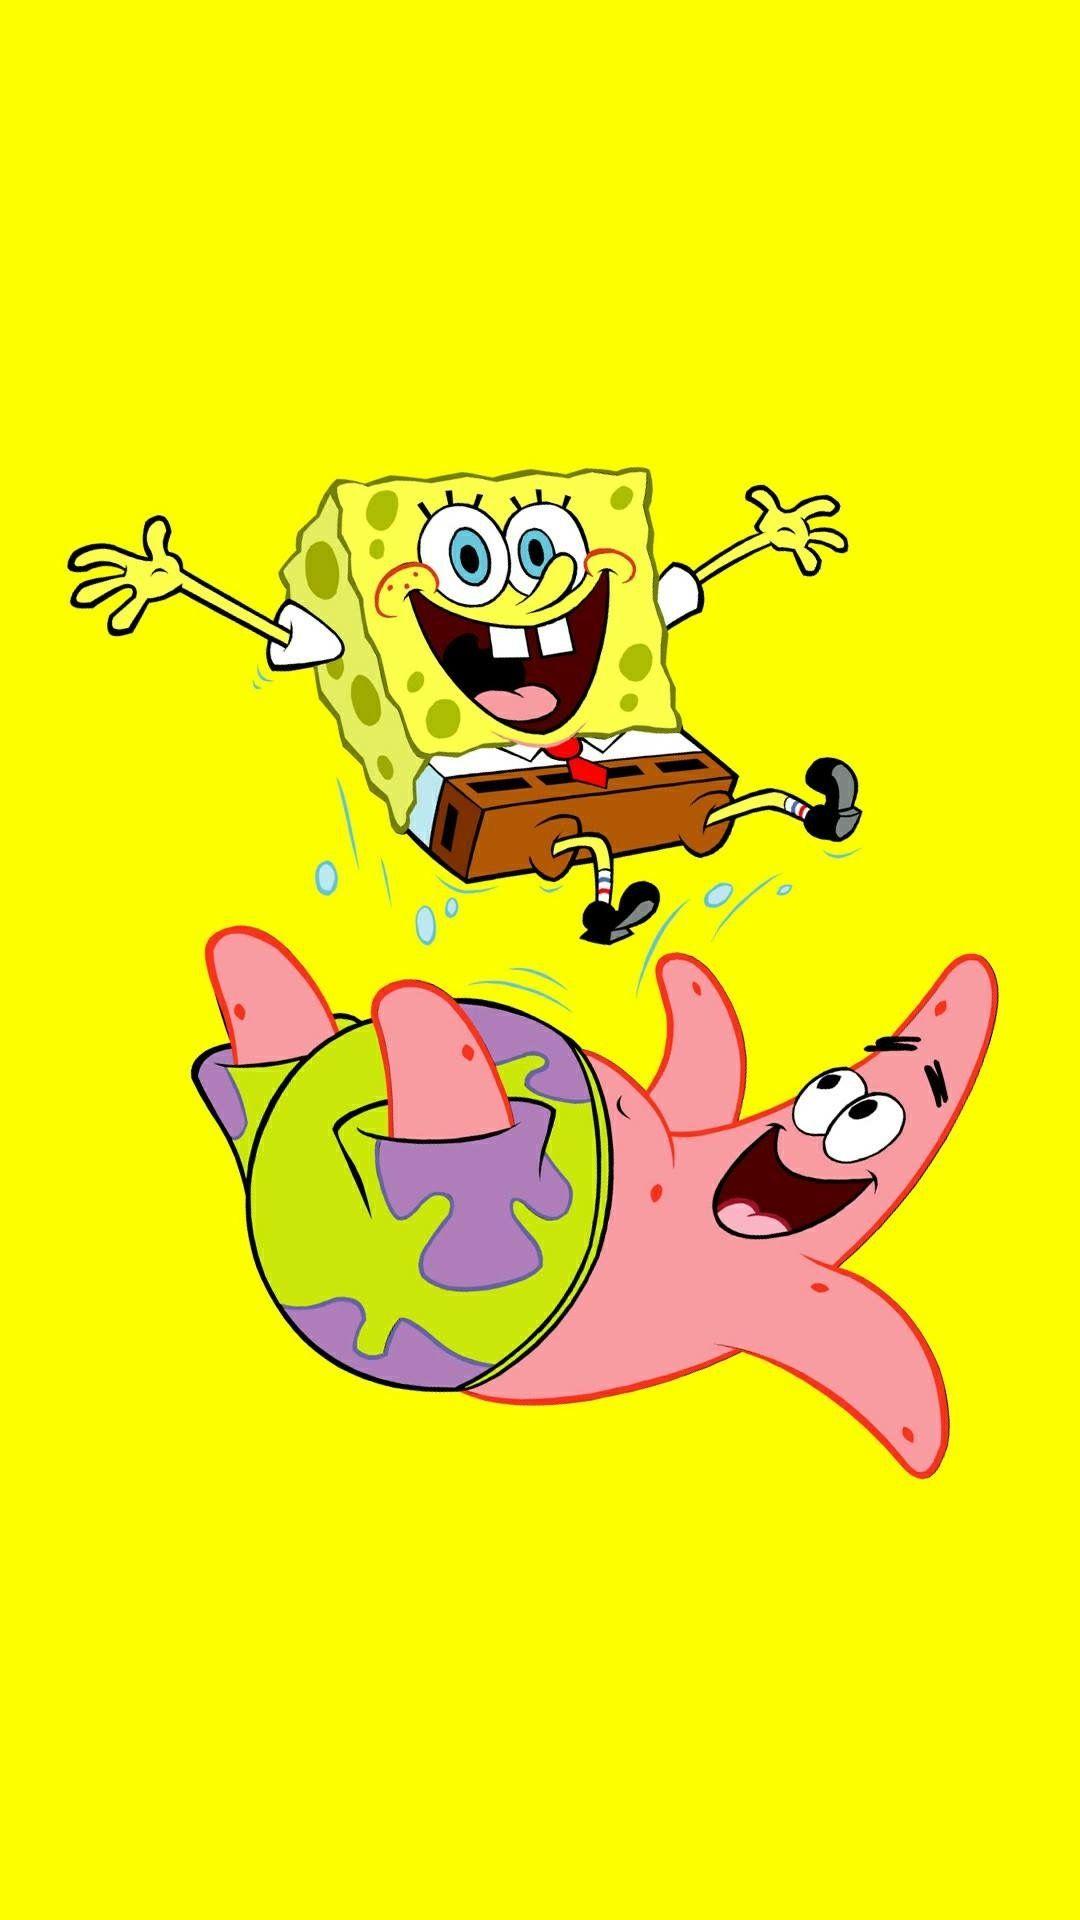 Spongebob Squarepants Patrick Star In 2019 Spongebob